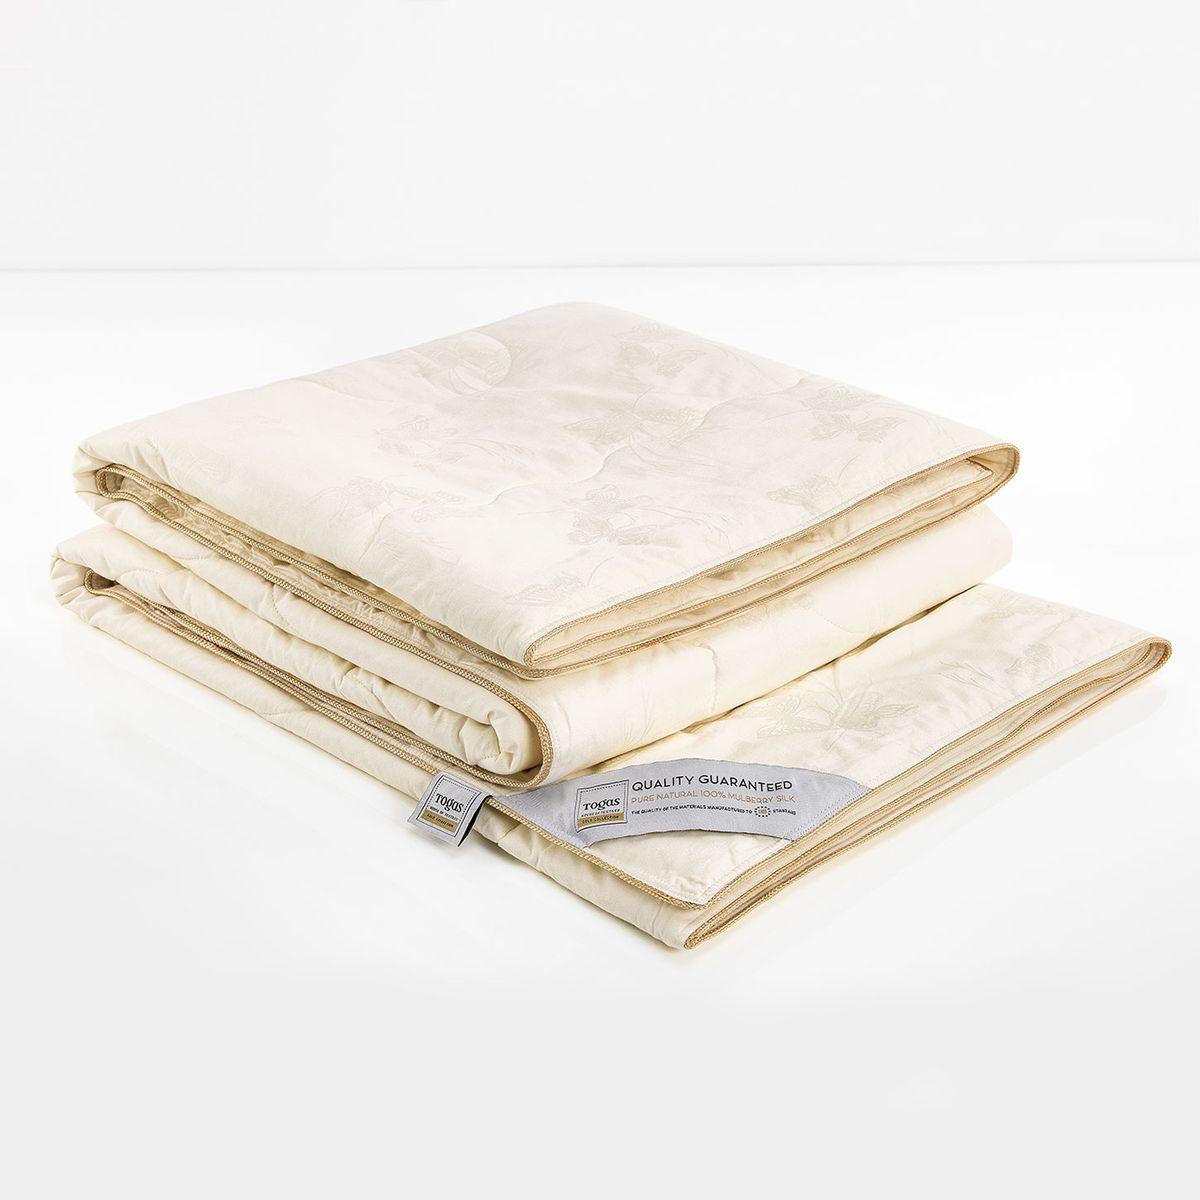 """Одеяло Баттерфляй шелк в сатине, 140 х 200 см. 47.56S03301004Одеяло """"Шелк в сатине» - настоящий подарок для перфекционистов и утонченных ценителей красоты. Роскошный сатин, из которого выполнен чехол, по праву считается «королем» хлопка. Изысканный глянец, позволяющий сравнить его с шелком, достигается благодаря особому переплетению волокон, придающему ткани шелковистую мягкость и прочность. Он прост в уходе и почти не мнется. Такой чехол, без сомнения, достоин своего драгоценного содержимого! Наполнитель из натурального шелка сорта Малбери отличается особой мягкостью и абсолютной невесомостью."""